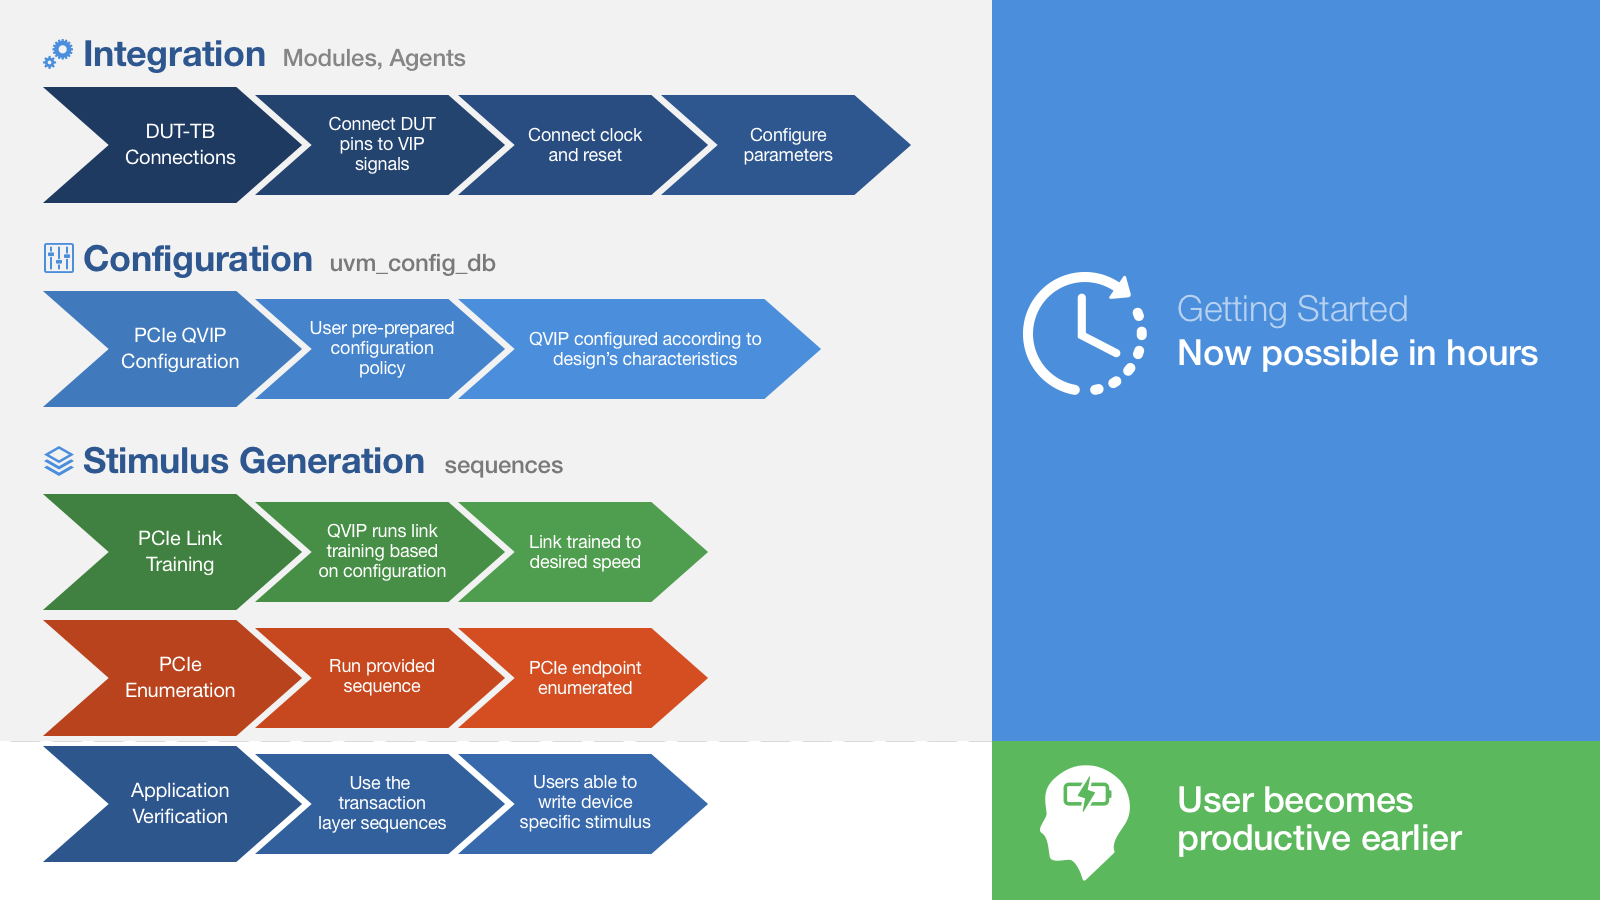 VIPを使用した3ステップの生産性改善: 統合 > コンフィギュレーション > スティミュラス生成 > 製品検証